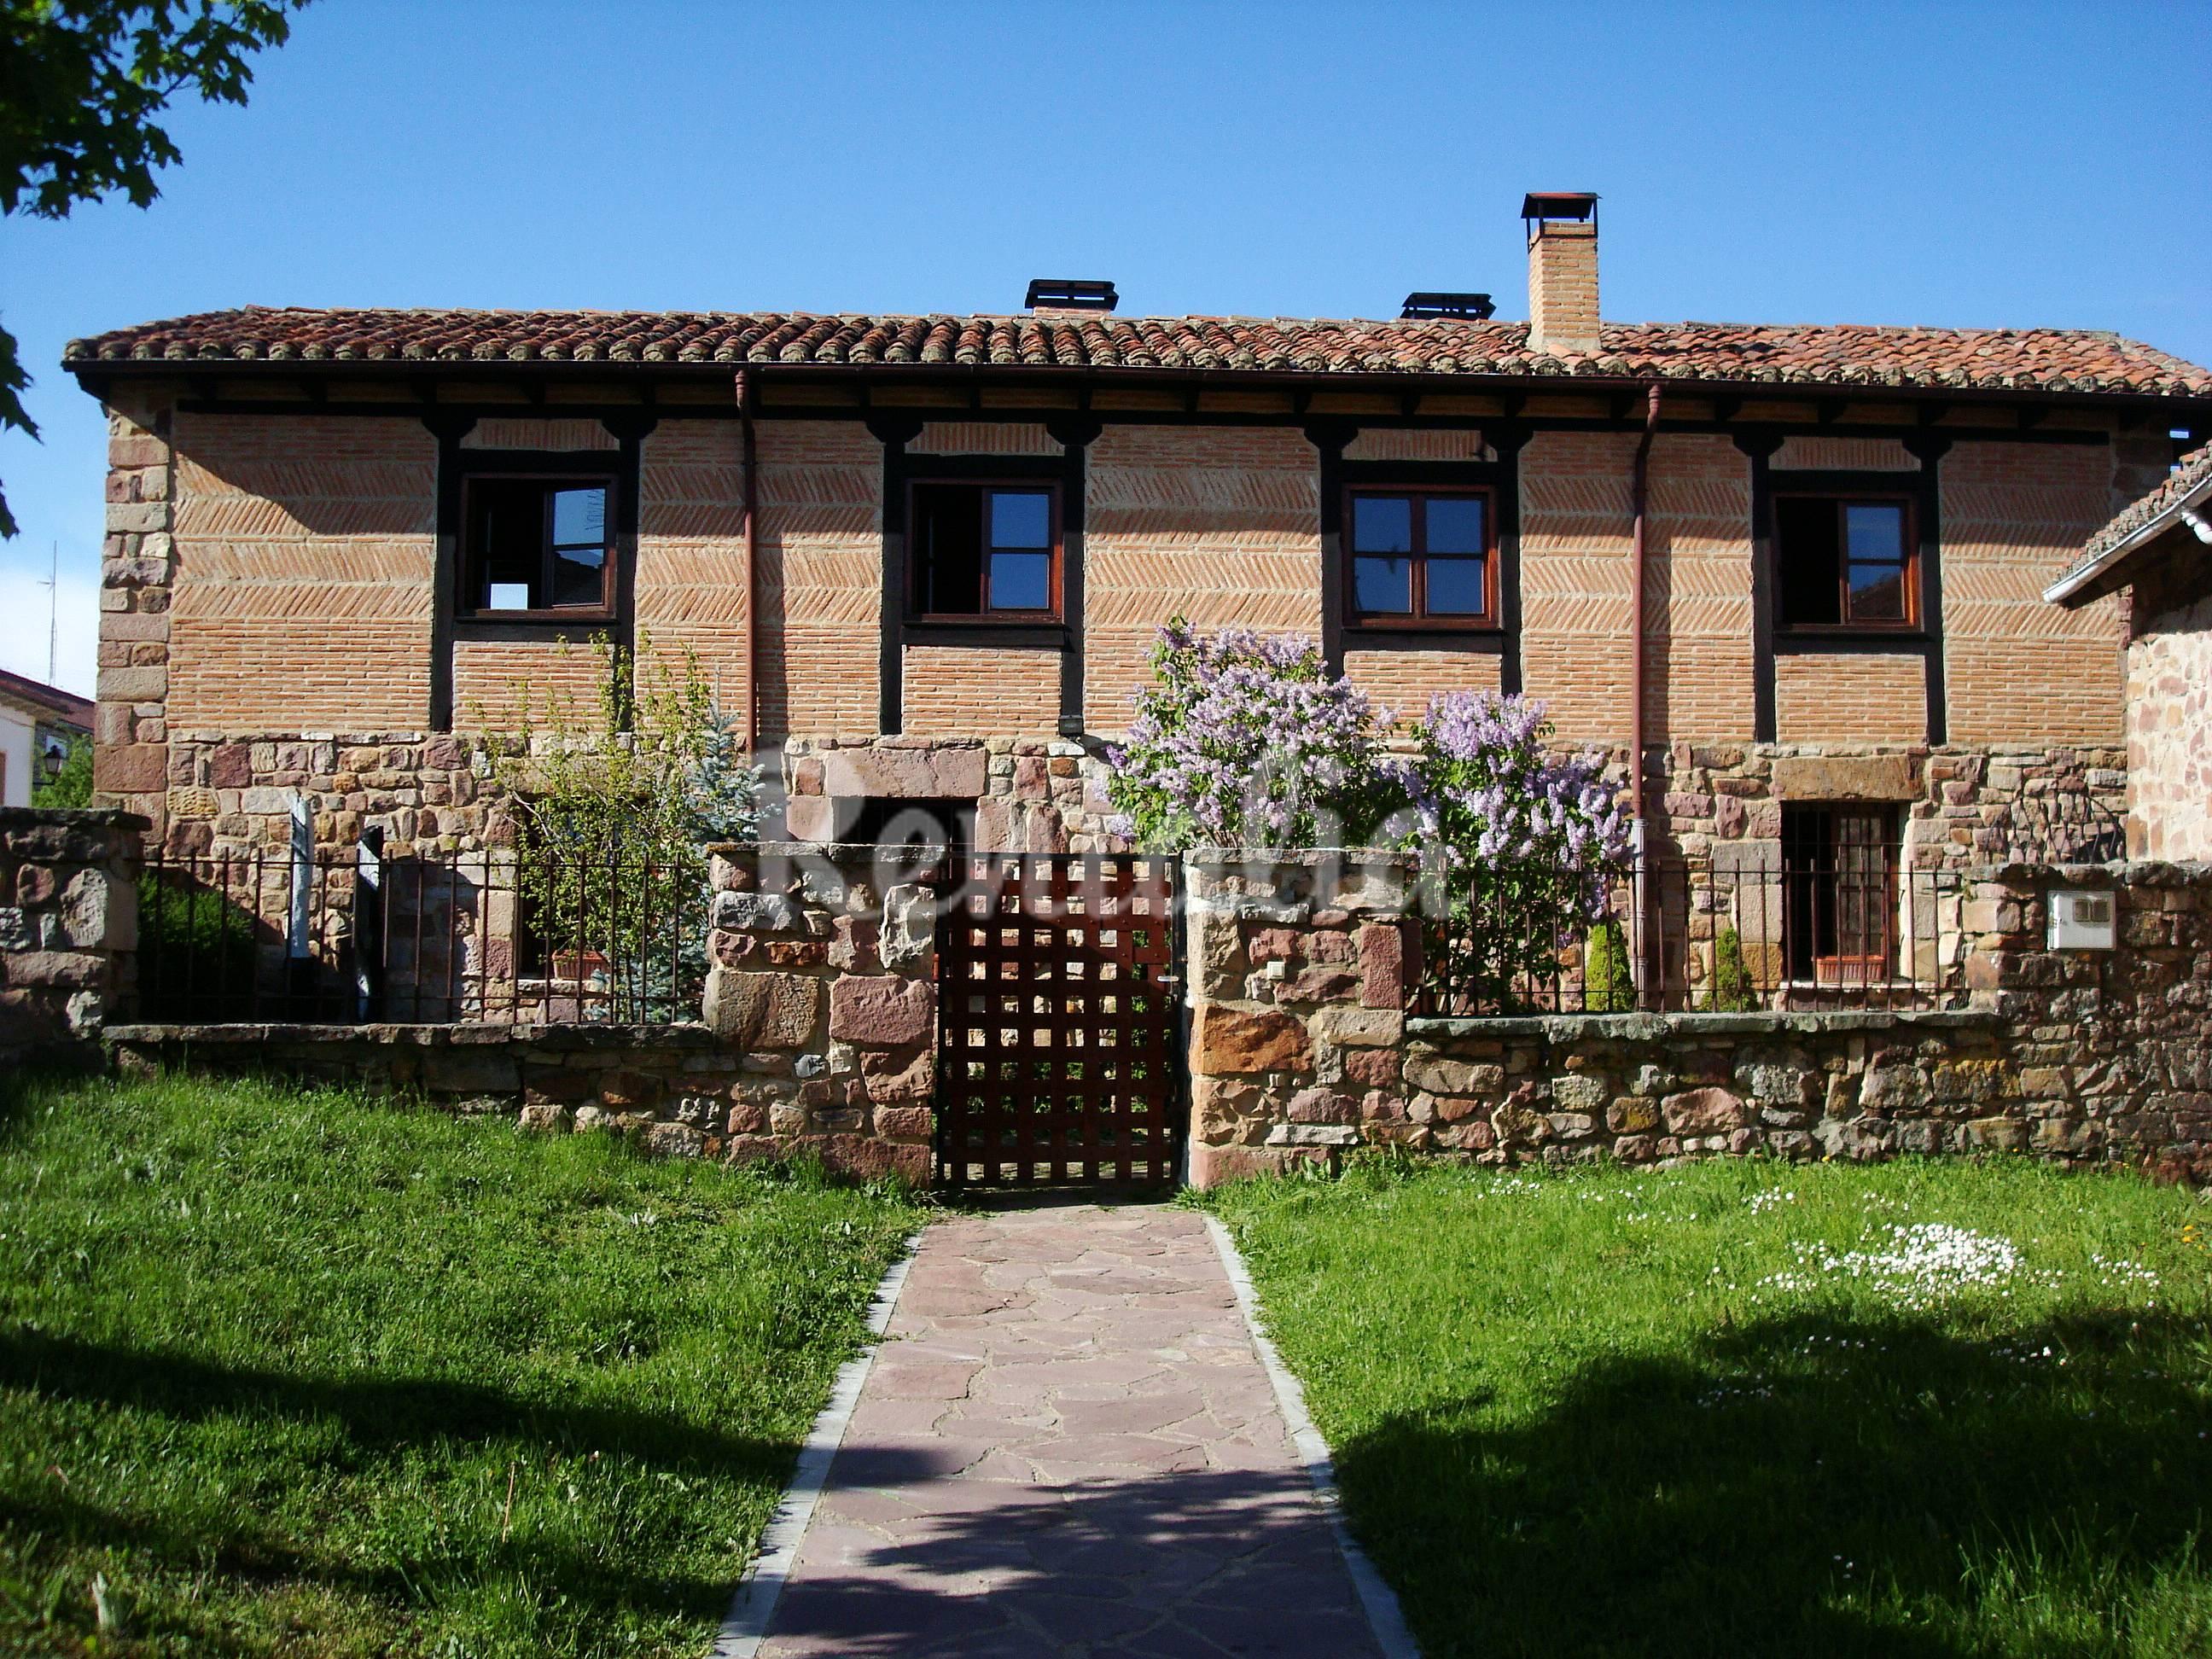 Casas de vacaciones en cervera de pisuerga palencia chalets casas rurales y bungalows - Casa rural cervera de pisuerga ...